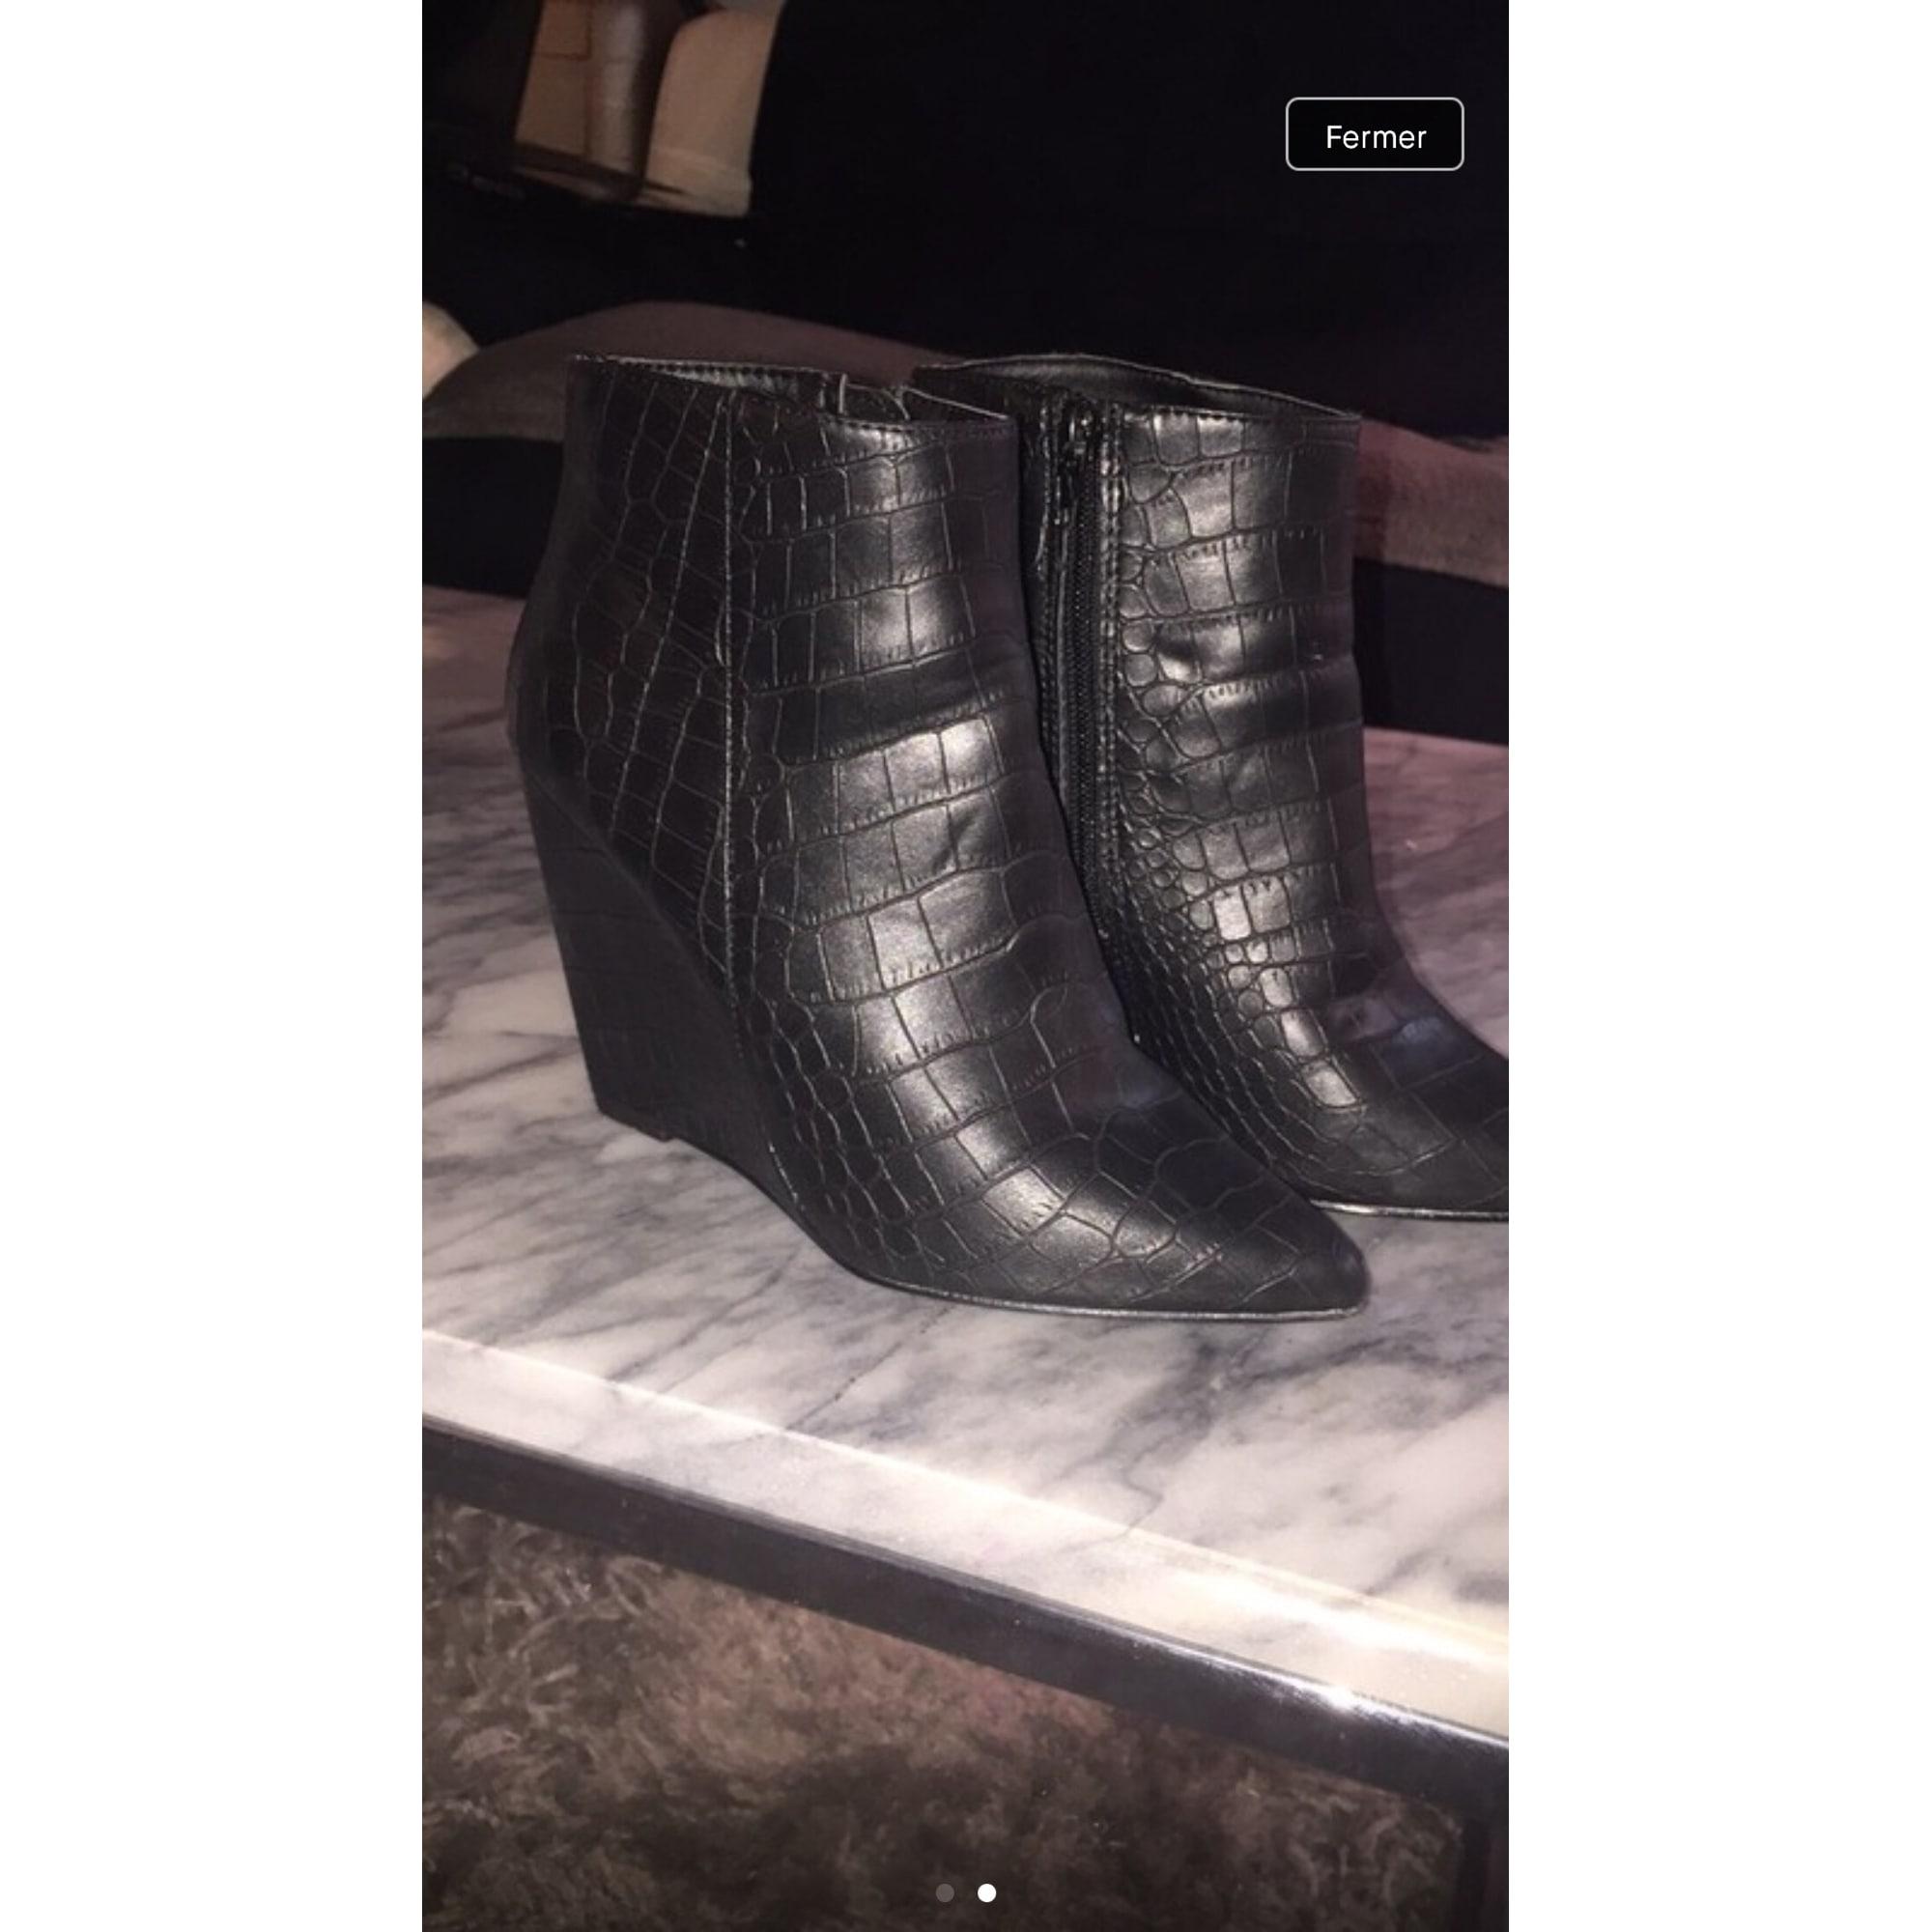 Bottines Low Boots A Compenses Kiabi 36 Noir 7876153